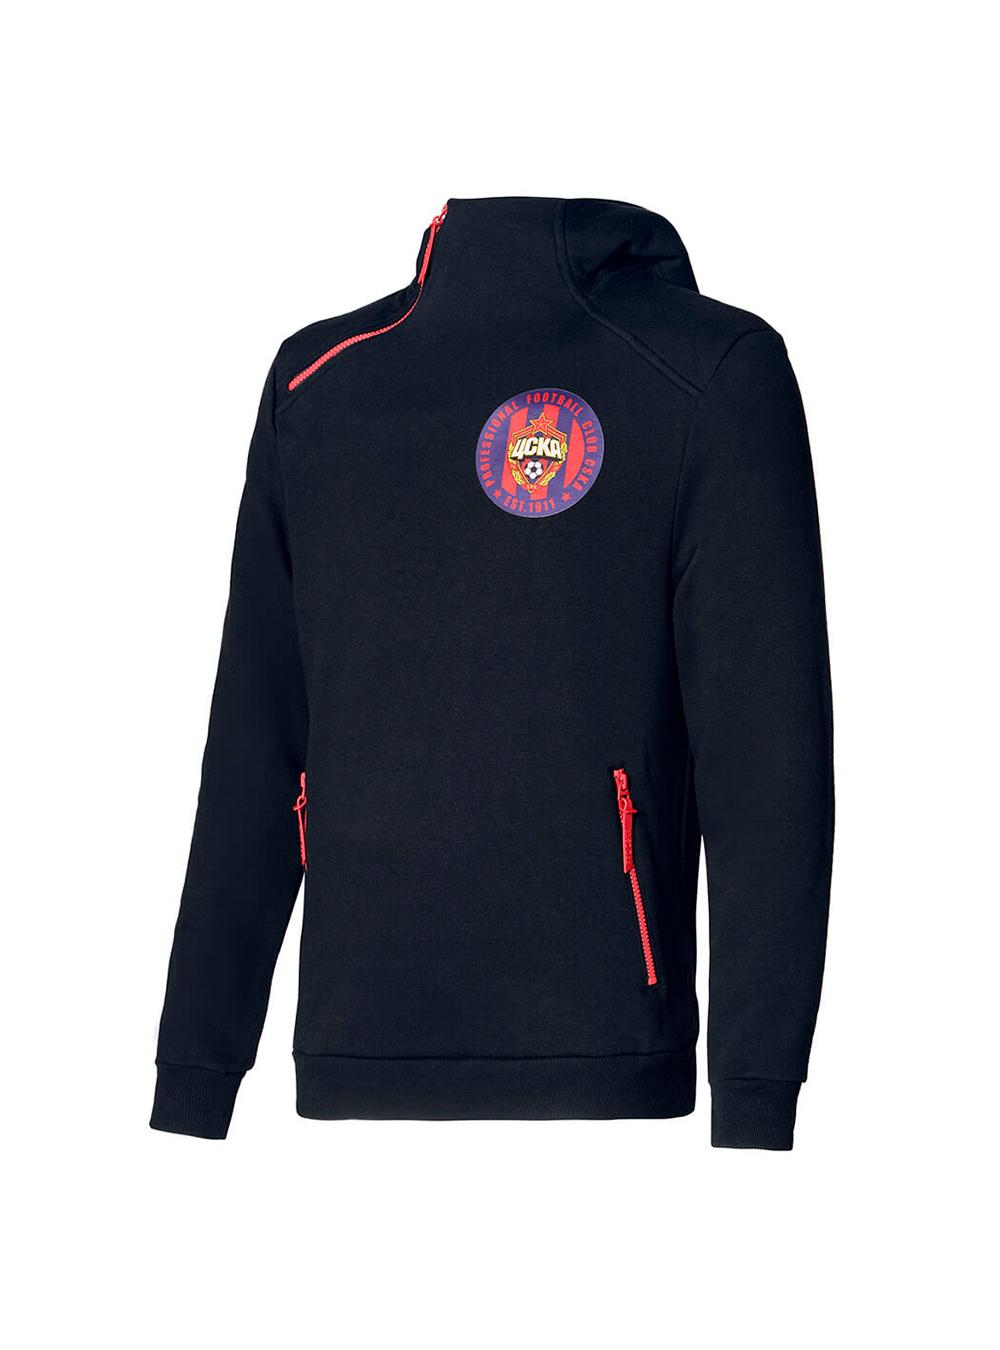 Купить Худи женское PFC CSKA est 1911, цвет чёрный (XL) по Нижнему Новгороду